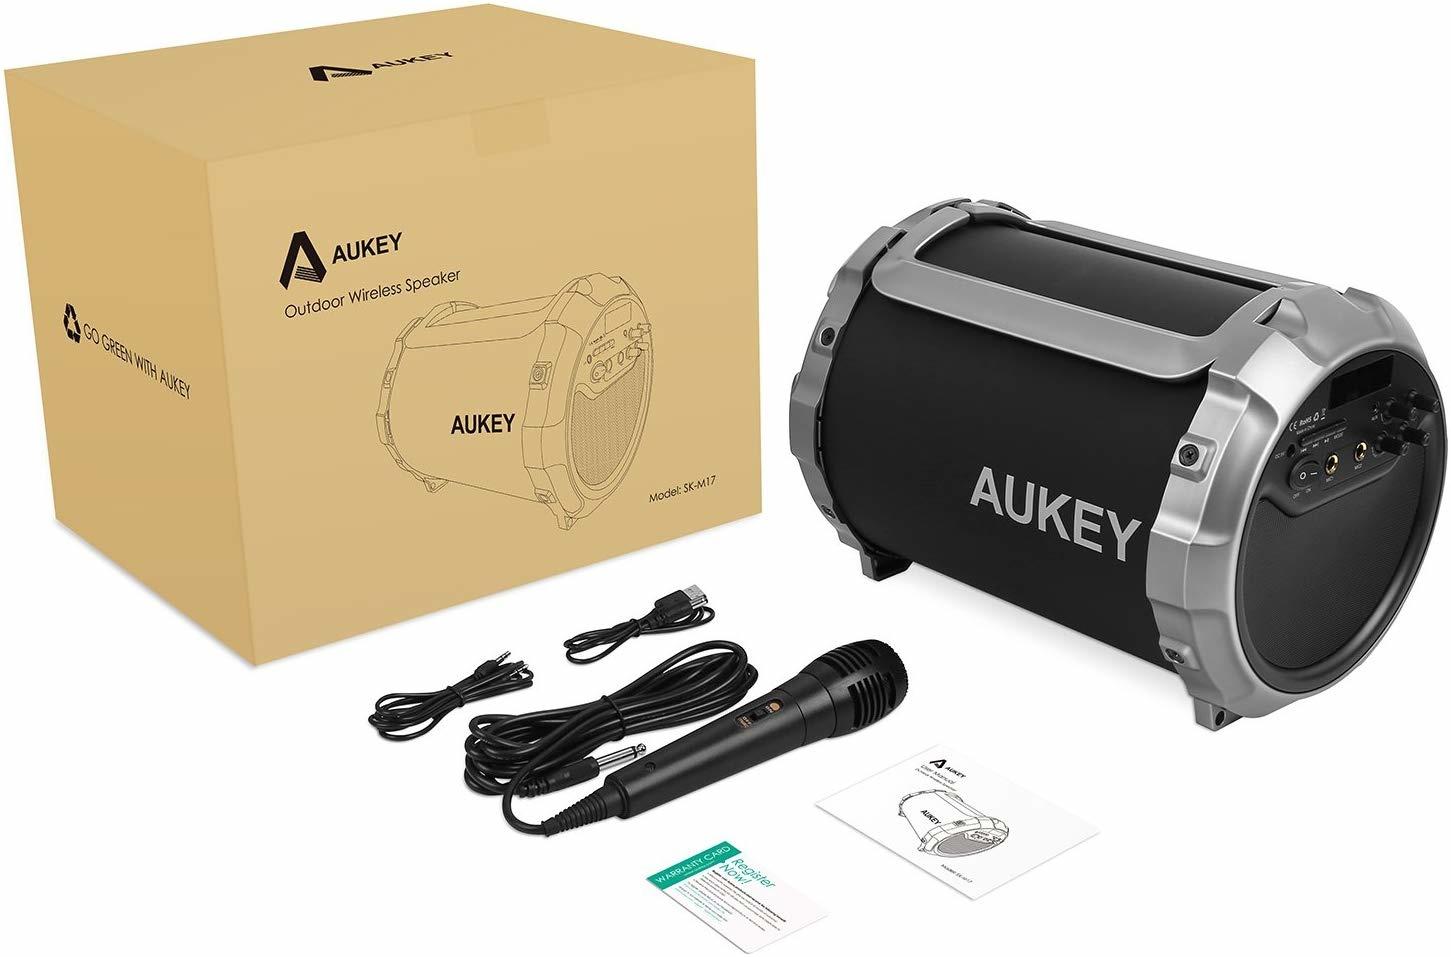 AUKEY Bluetooth-luidspreker, draagbare draadloze luidspreker met verstelbare bas, FM-radio, 8 uur speeltijd voor iPhone, iPad, Samsung, Nexus, HTC, laptops en meer (SK-M17, zwart)